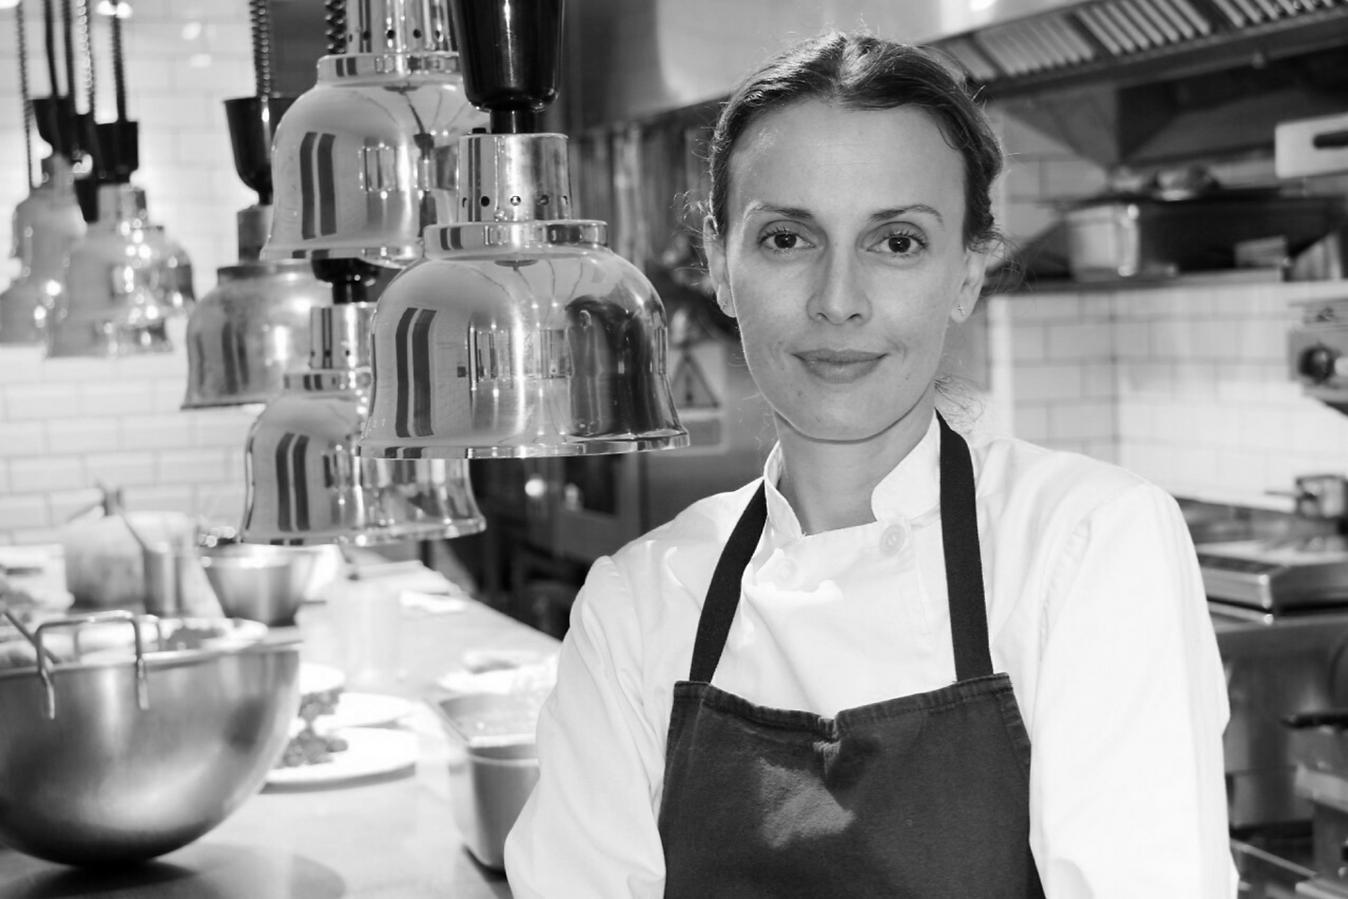 Vivencias de la cuarentena, Begoña Fraire (Restaurantes) - GastroMadrid